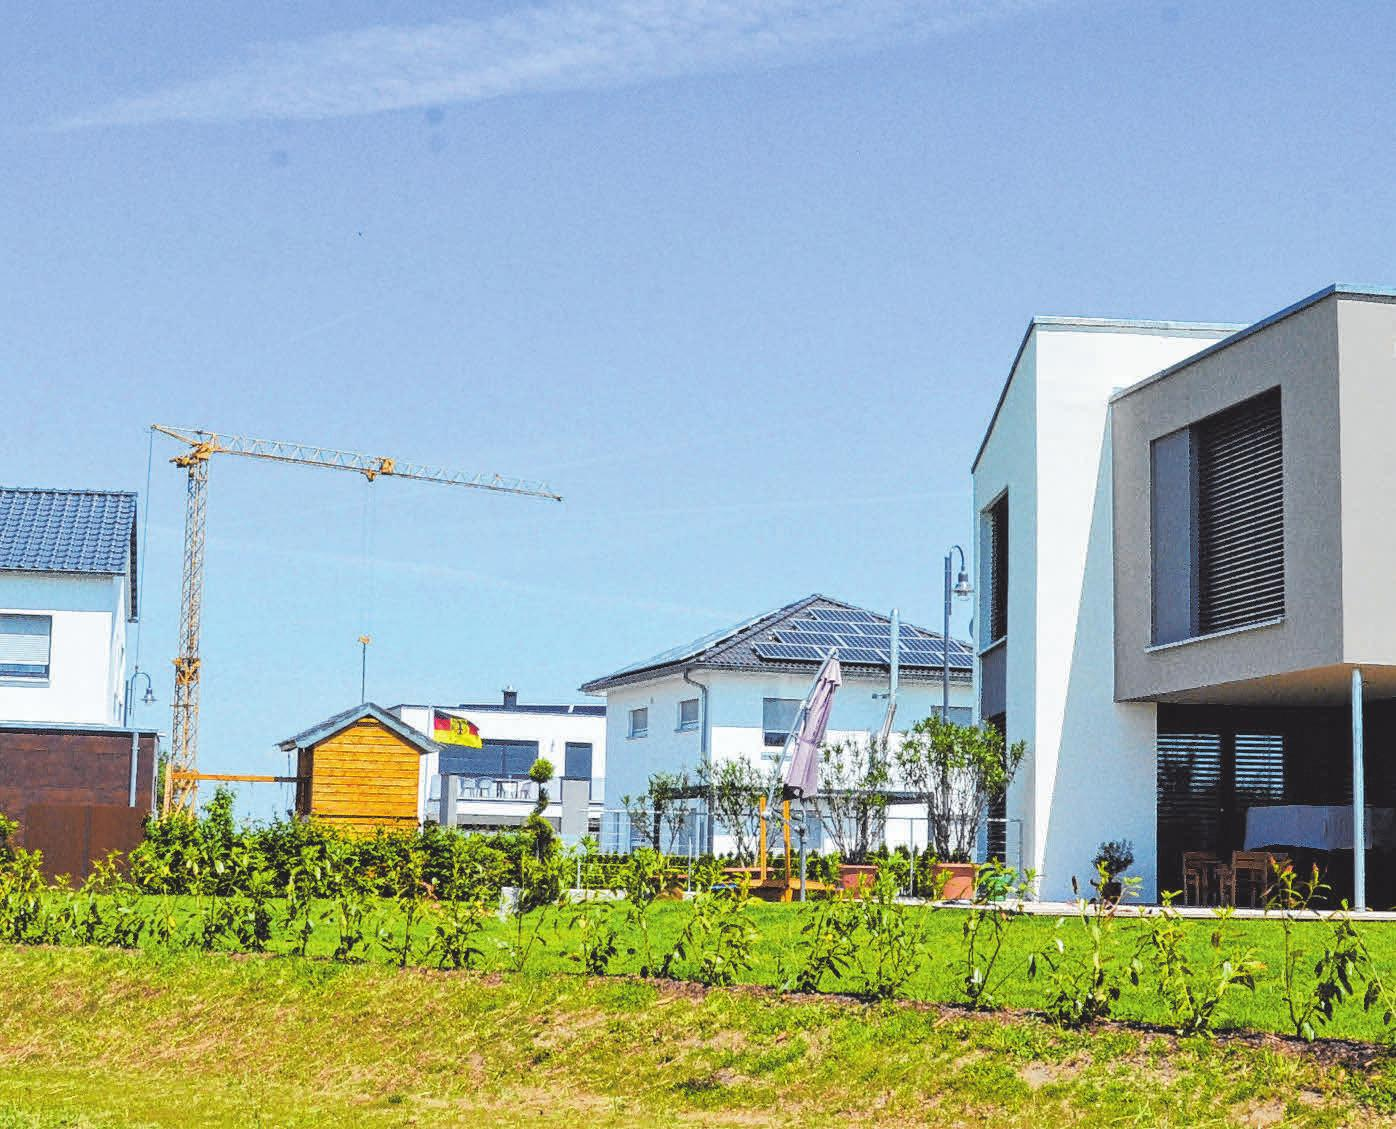 Neue Baugebiete entstehen, - wie hier in Oberholzheim. FOTO: SON